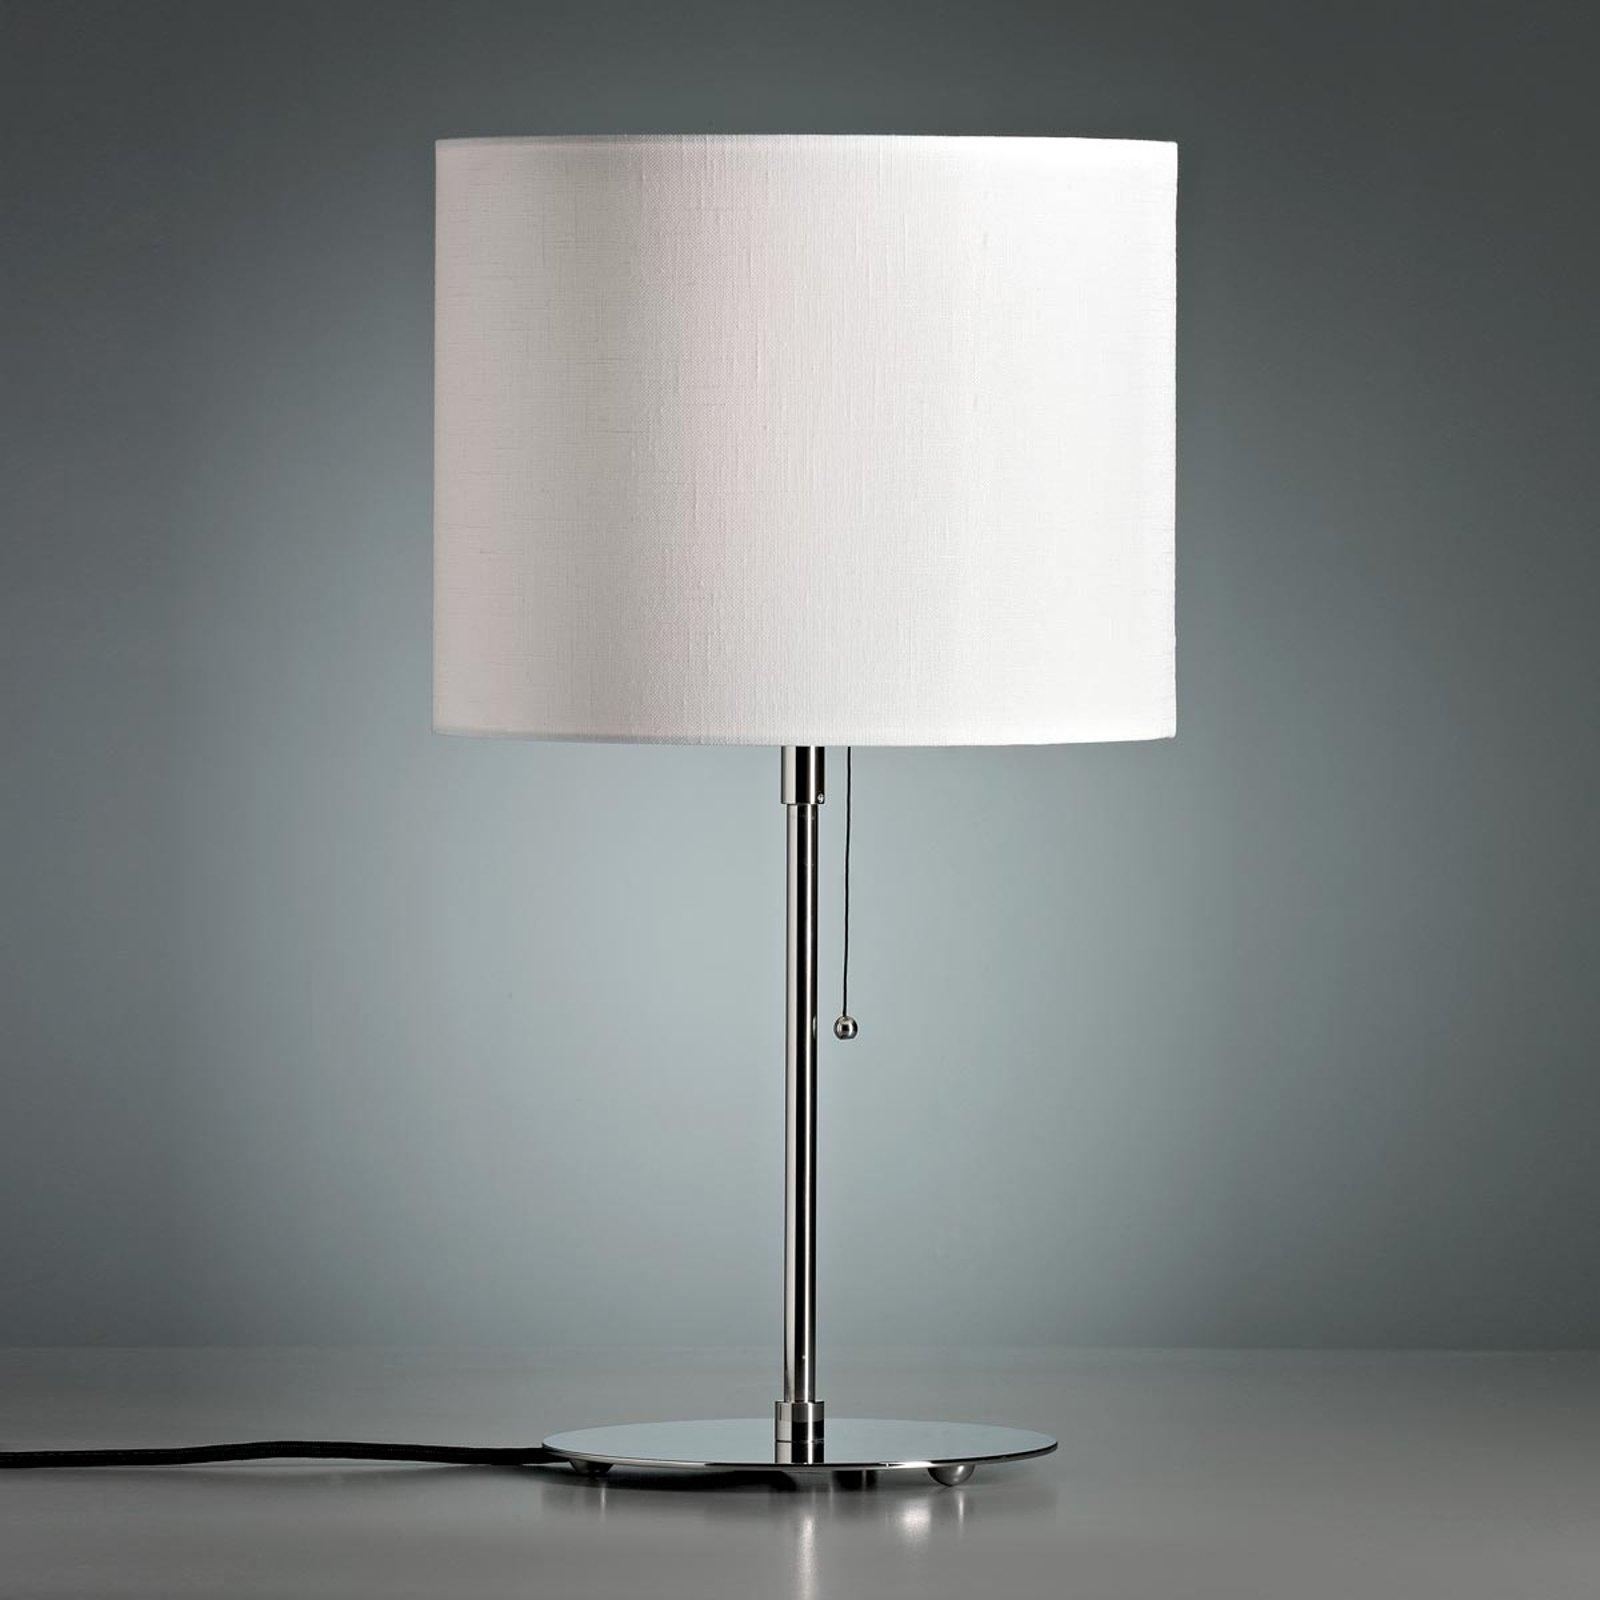 Bordlampe med farget linskjerm hvit